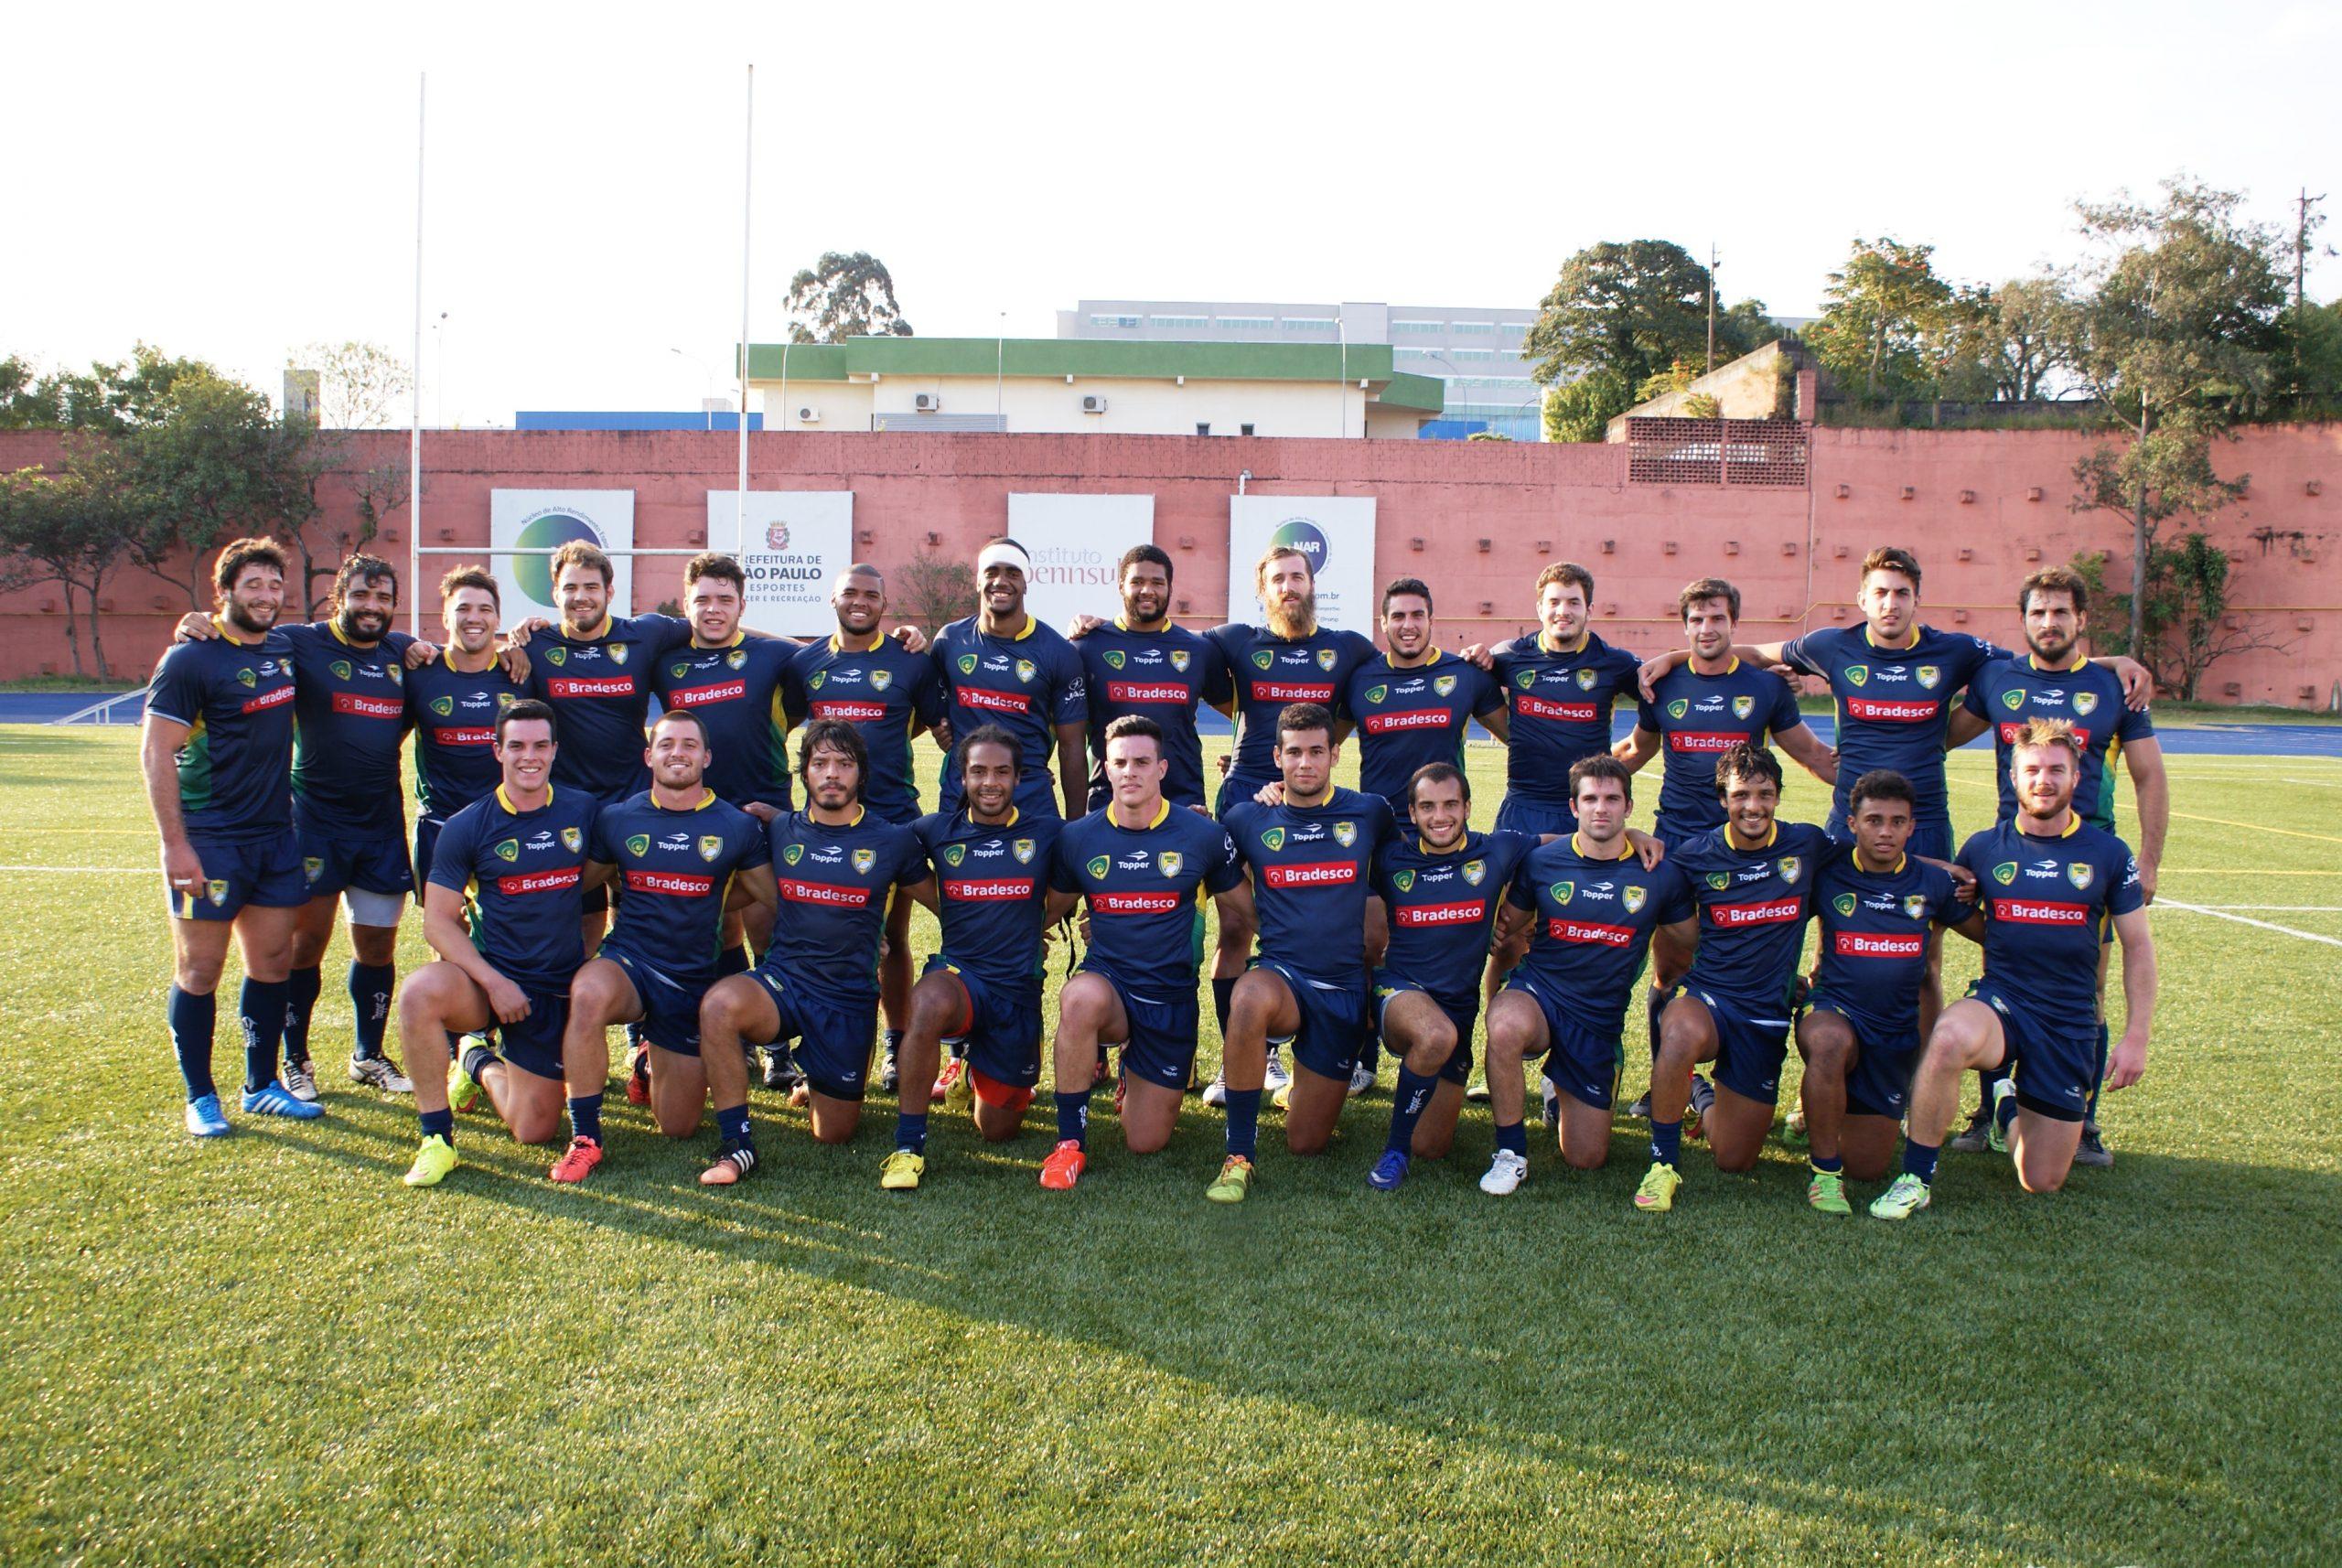 Seleção brasileira de rugby XV se prepara para partida contra Paraguai no NAR